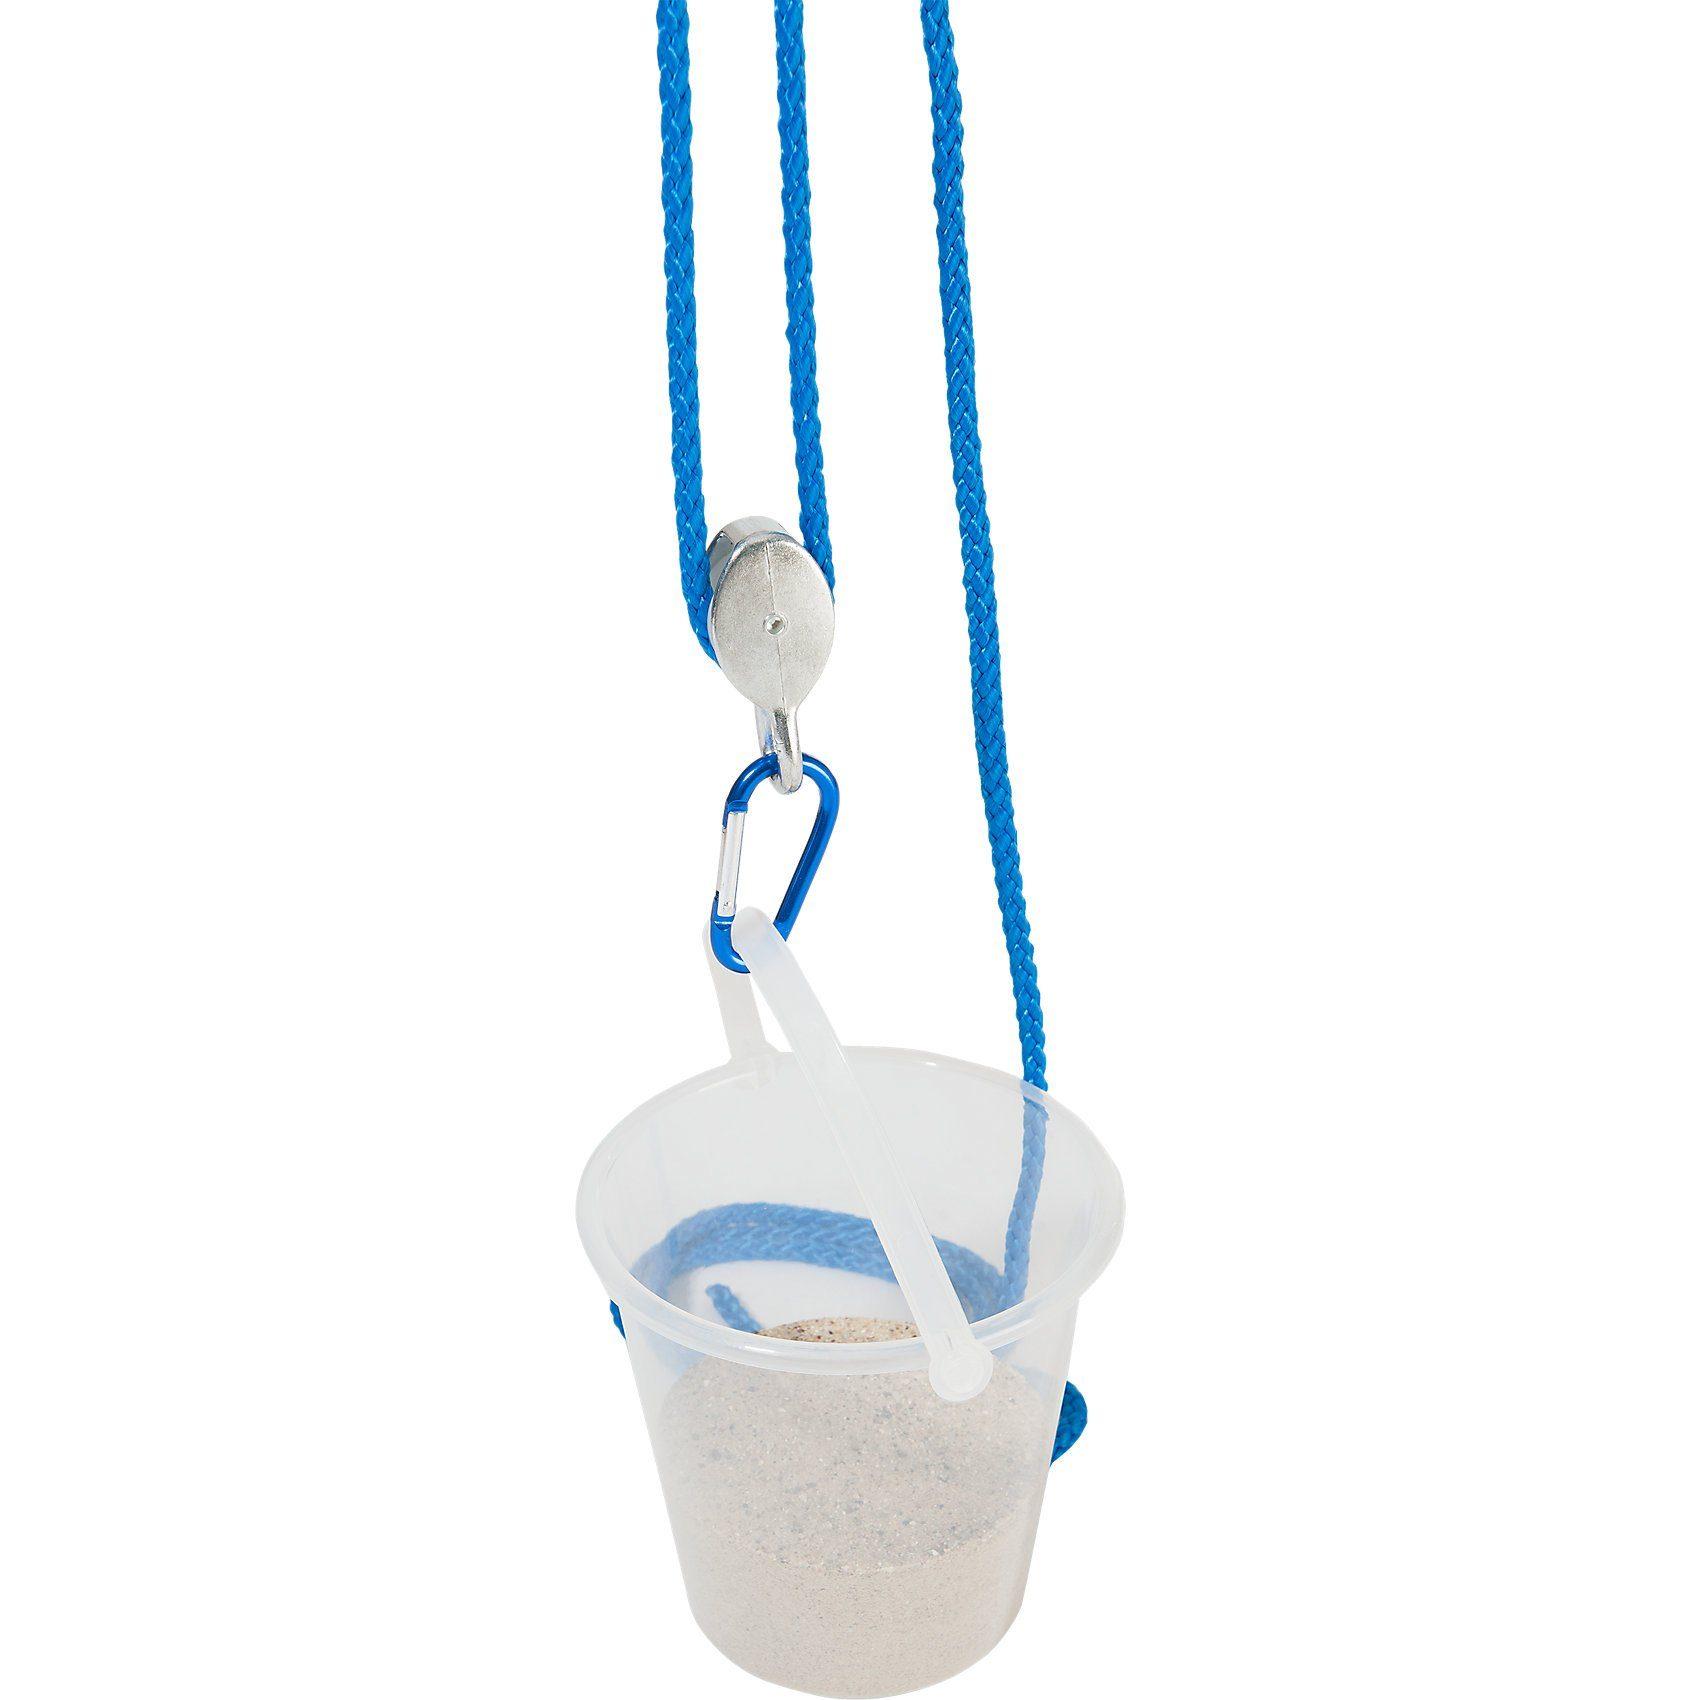 EDUPLAY Flaschenzug mit Eimer, blau